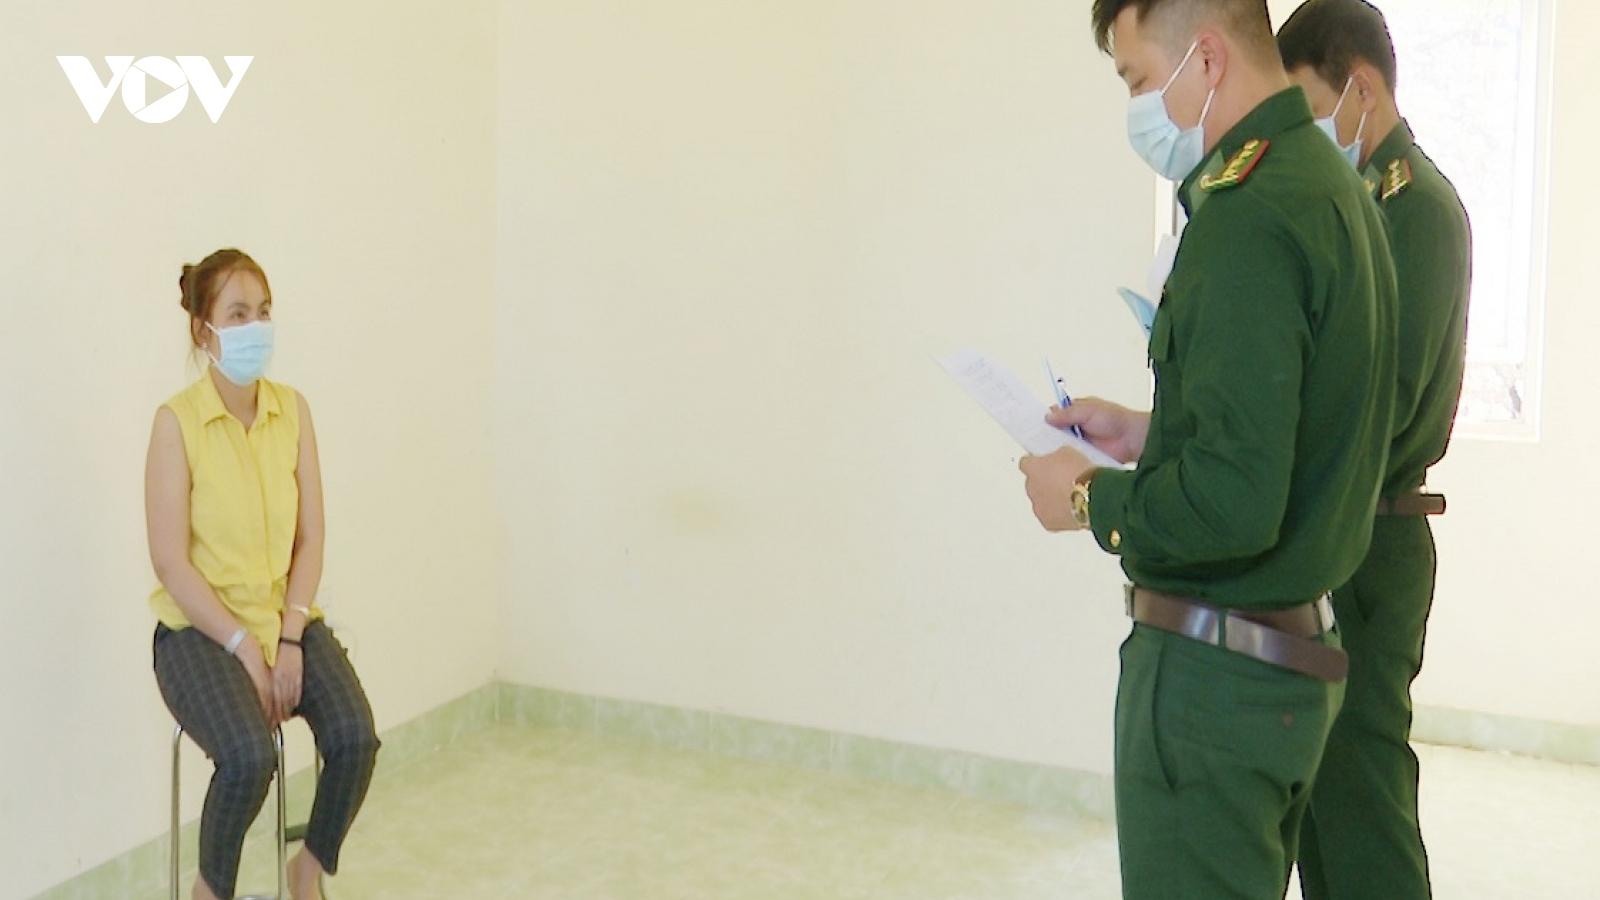 Bắt giữ đối tượng nhập cảnh trái phép từ Campuchia